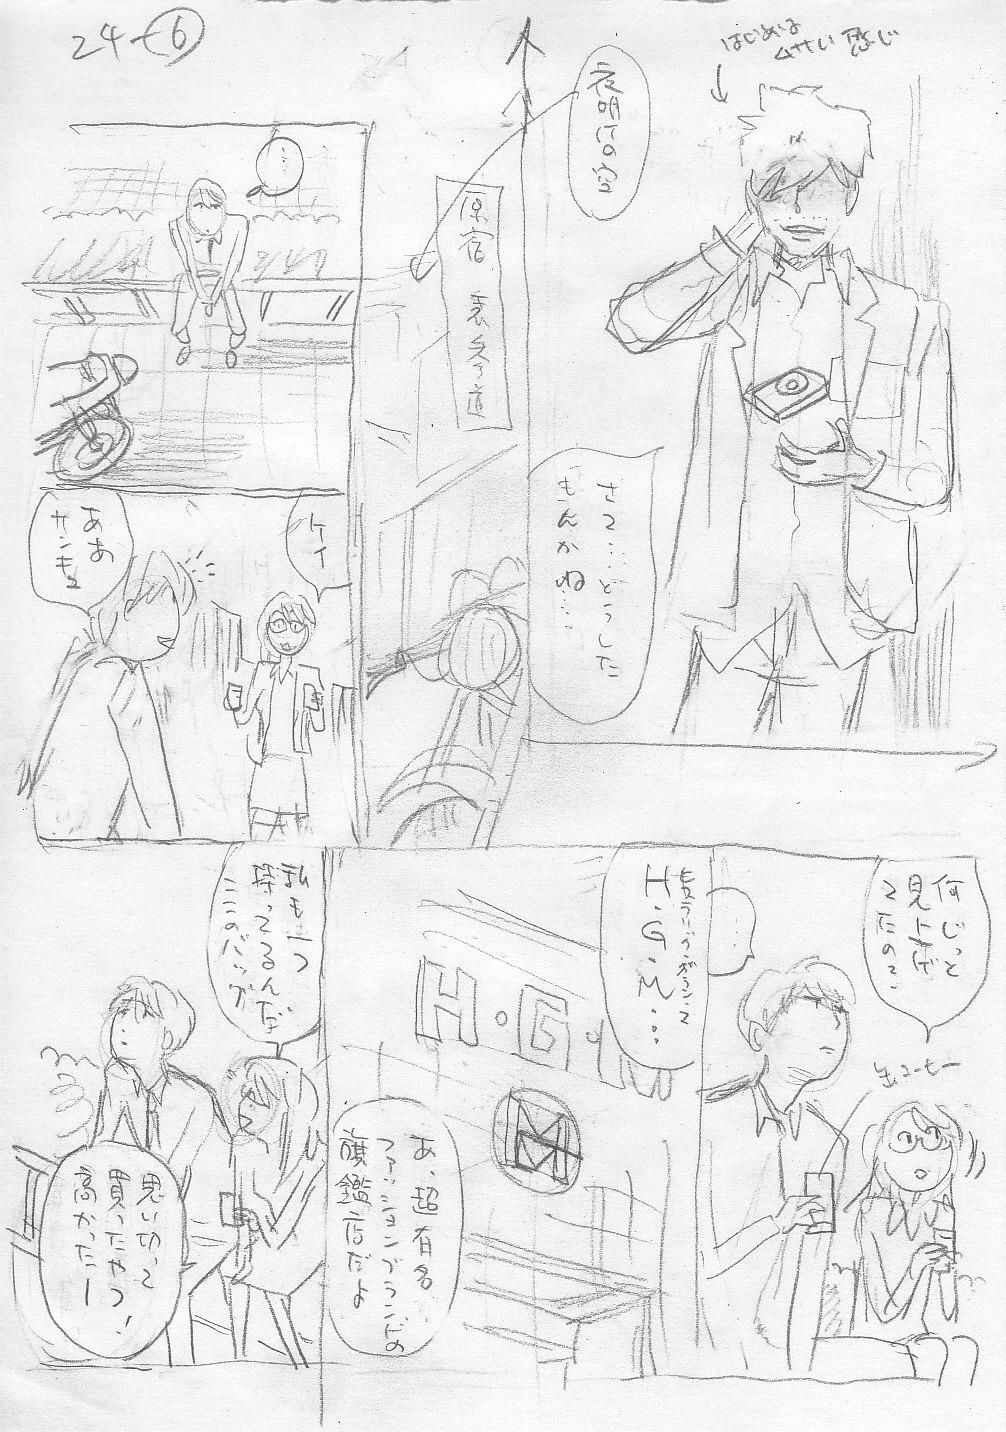 はまのらま/ネームサンプル